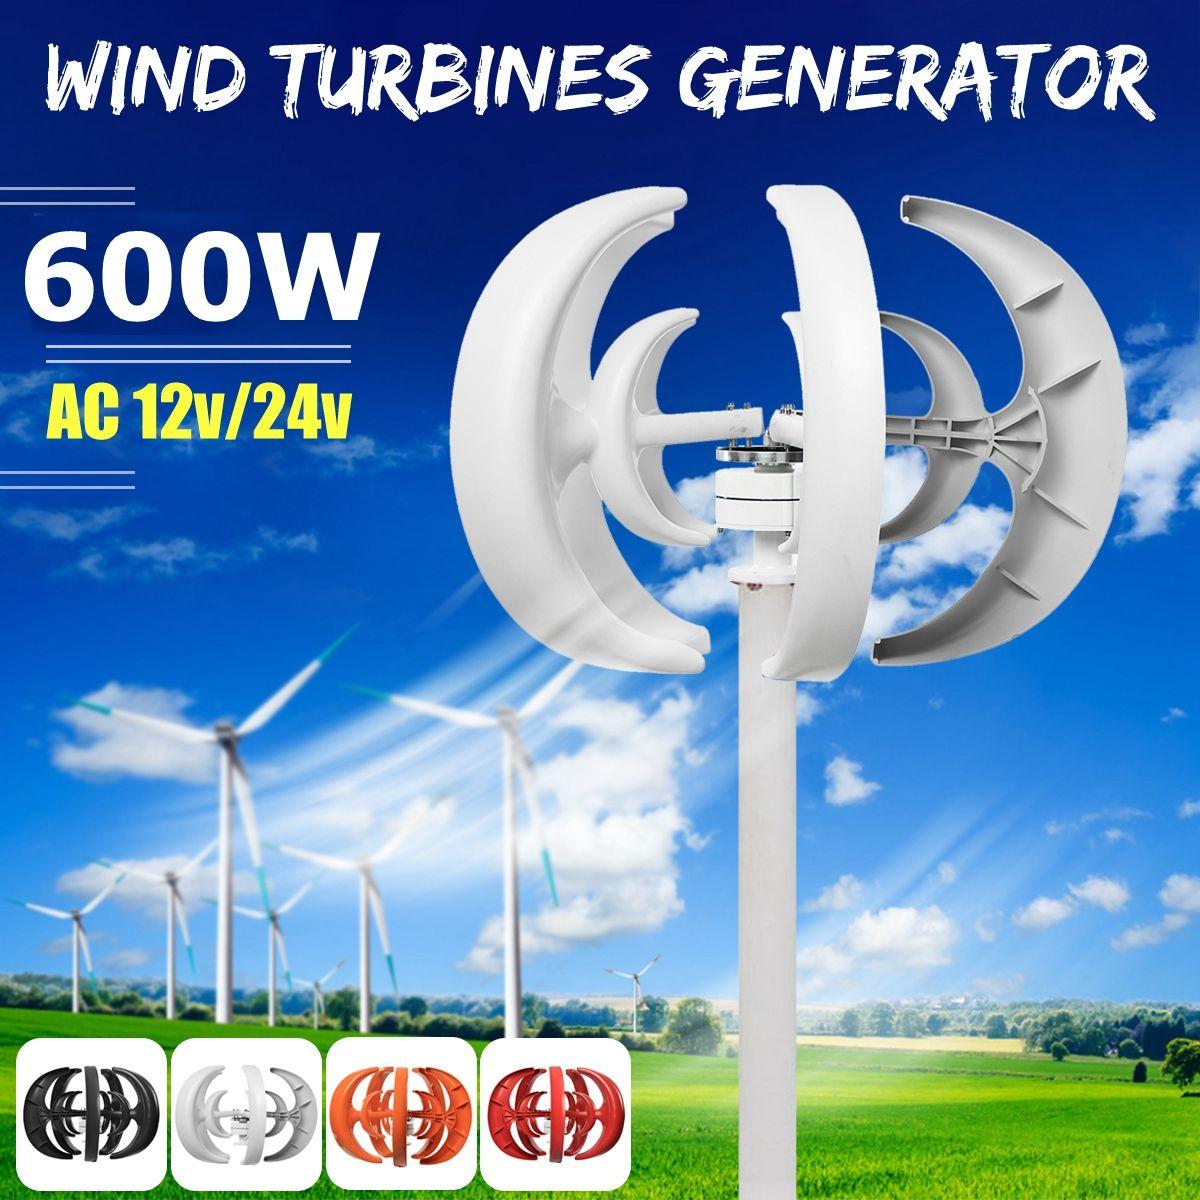 Max 600 watt AC 12 v 24 v Wind Turbine Generator Laterne 5 Klingen Motor Kit Vertikale Achse Für Hause hybrid Straßenbeleuchtung Verwenden